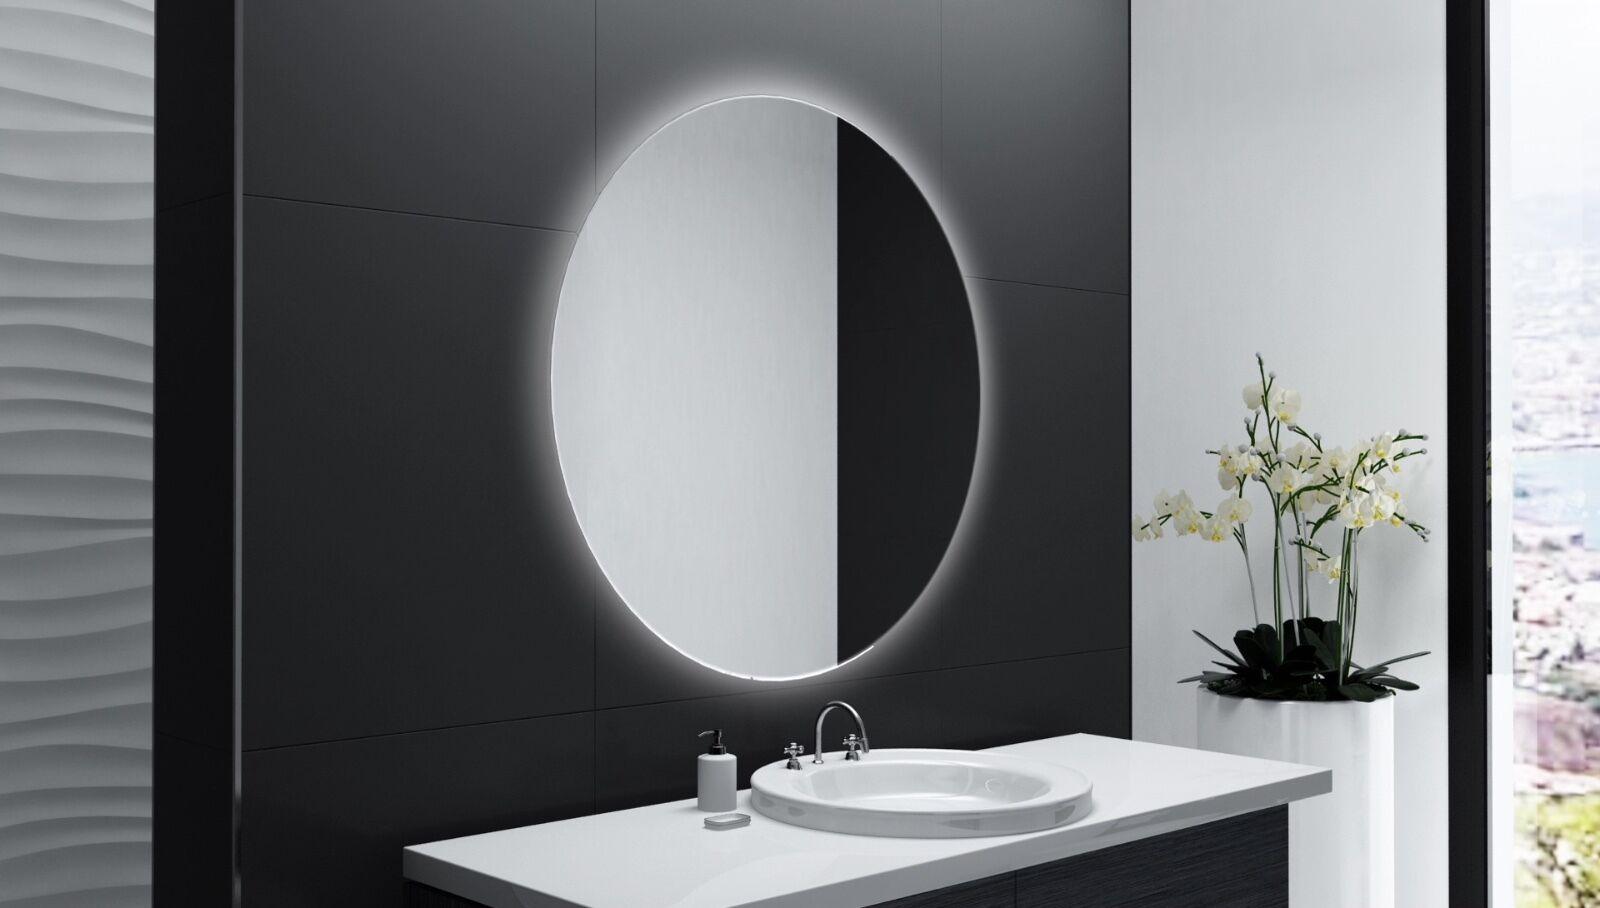 Badspiegel Rund m LED Beleuchtung Badezimmerspiegel Bad Spiegel Wandspiegel DR22